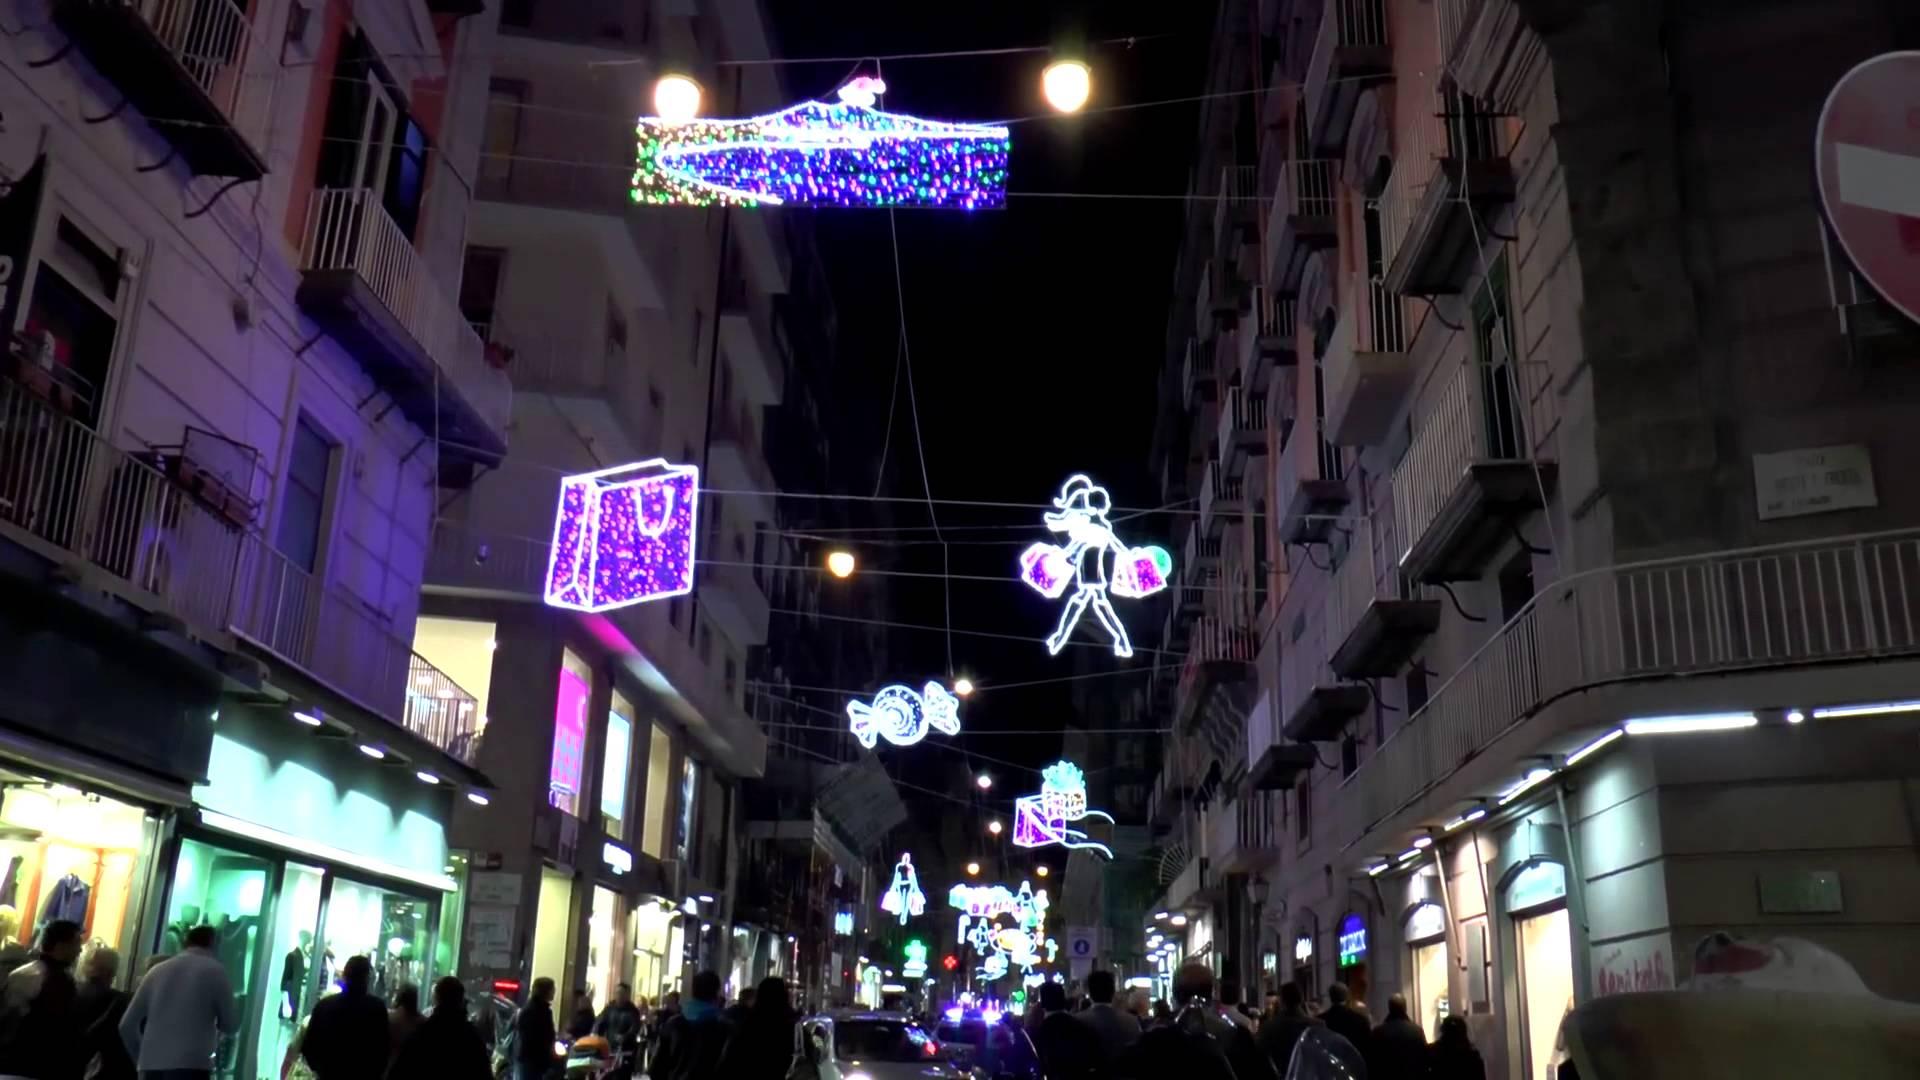 Luci Di Natale A Napoli.Video Napoli Si Illumina Per Natale Grazie All Intervento Dei Privati